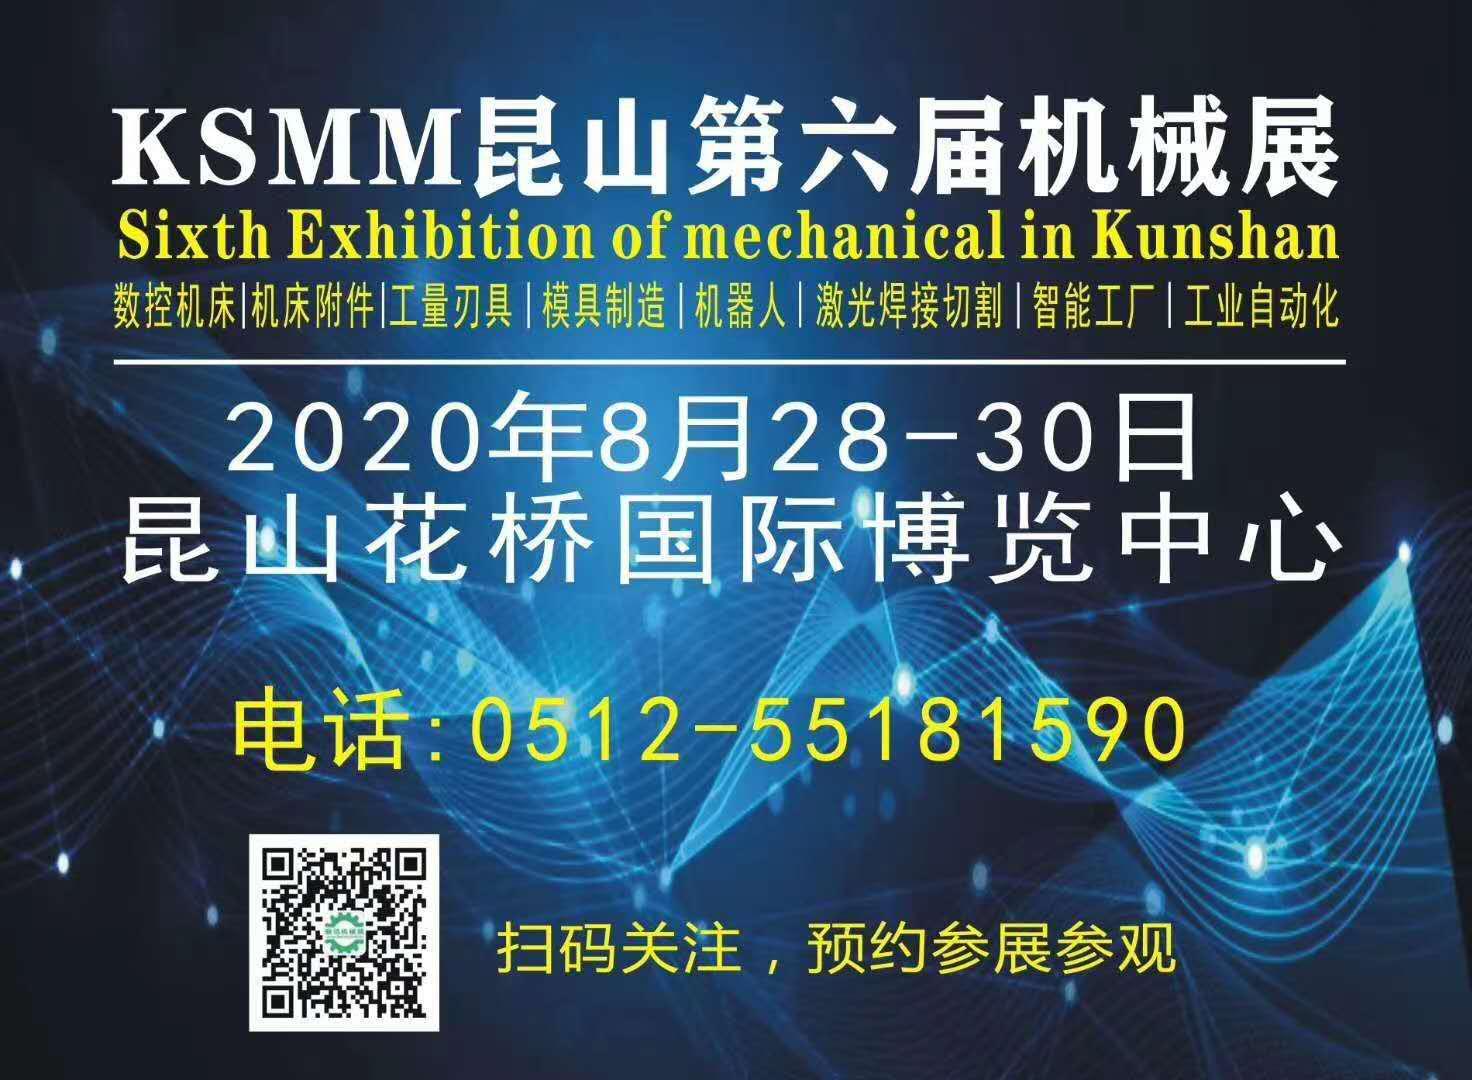 2020中国昆山国际机械展欢迎您!